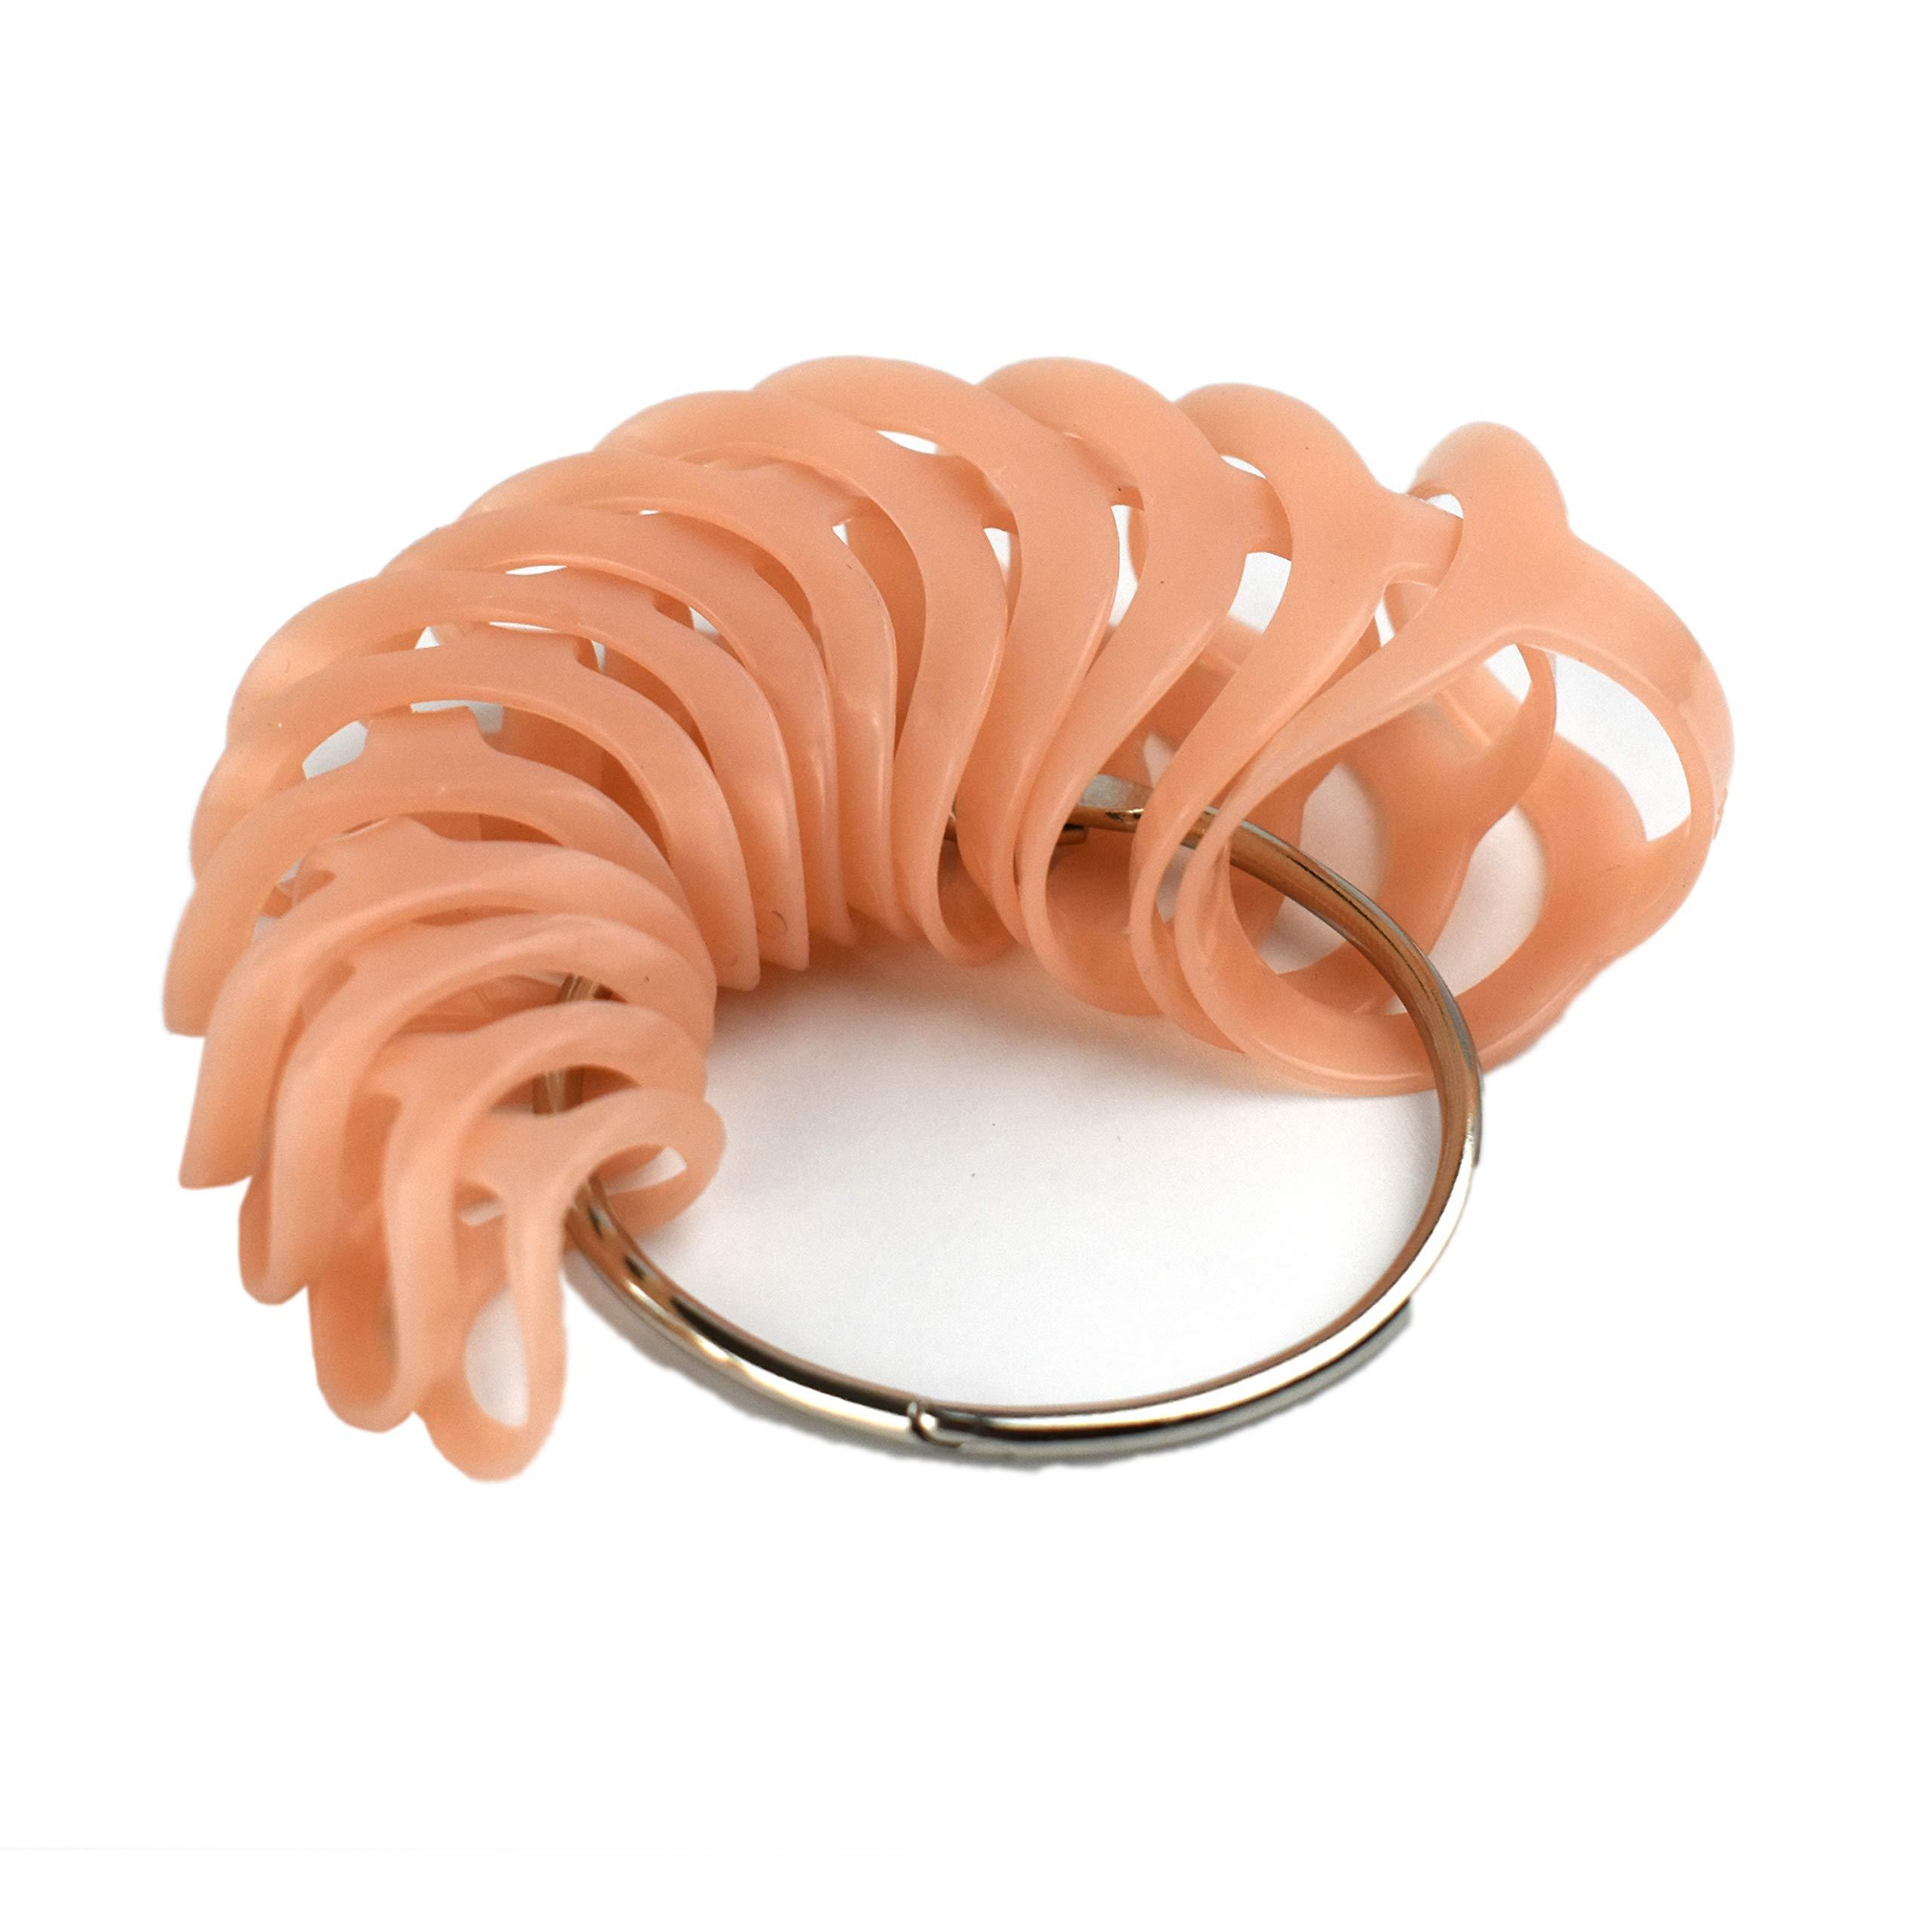 EZ Finger Splint Sizing Kit by Brace On